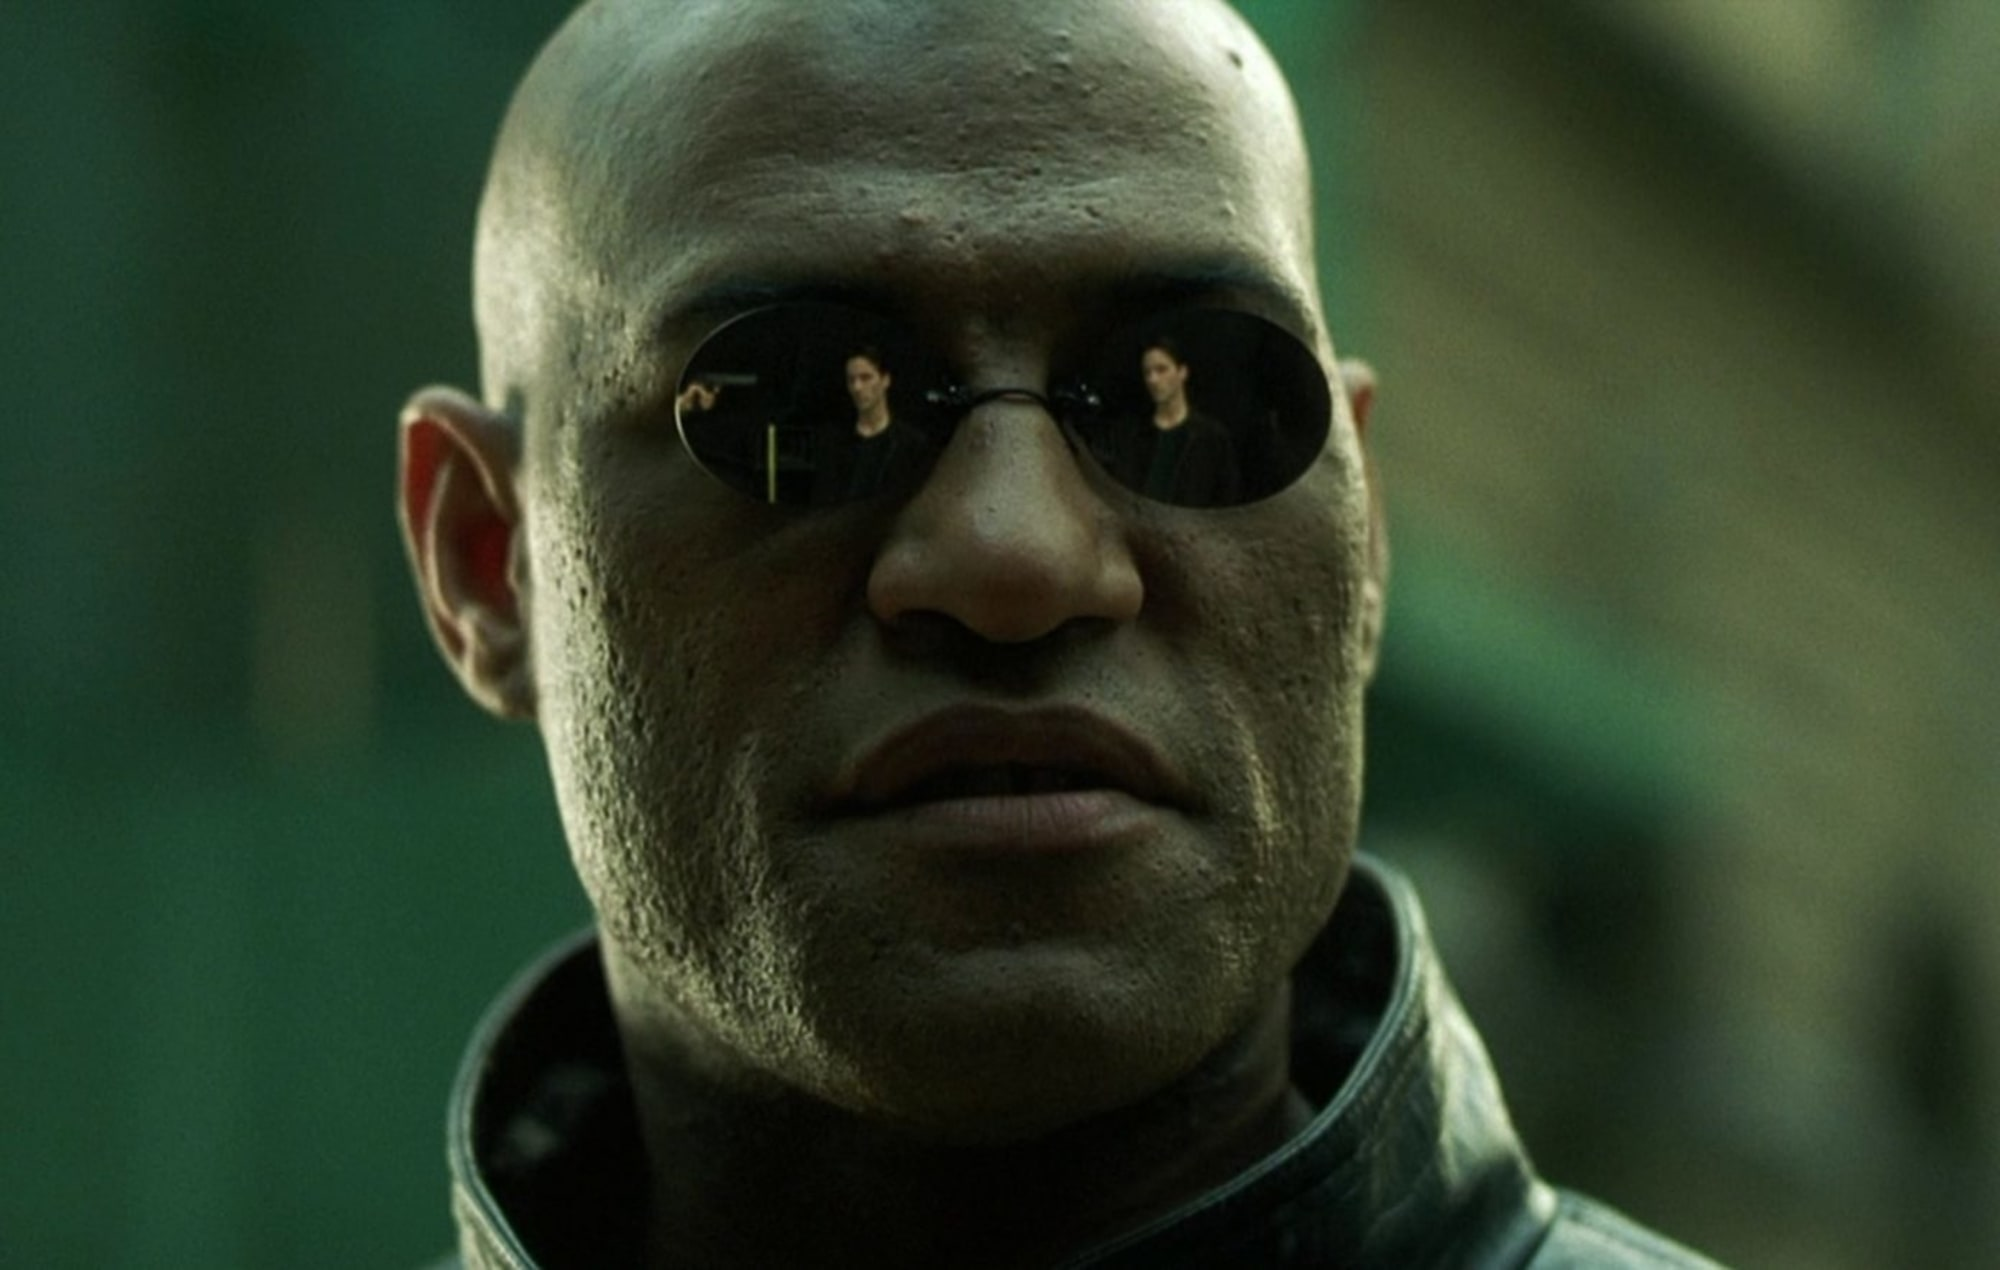 Morpheus in The Matrix